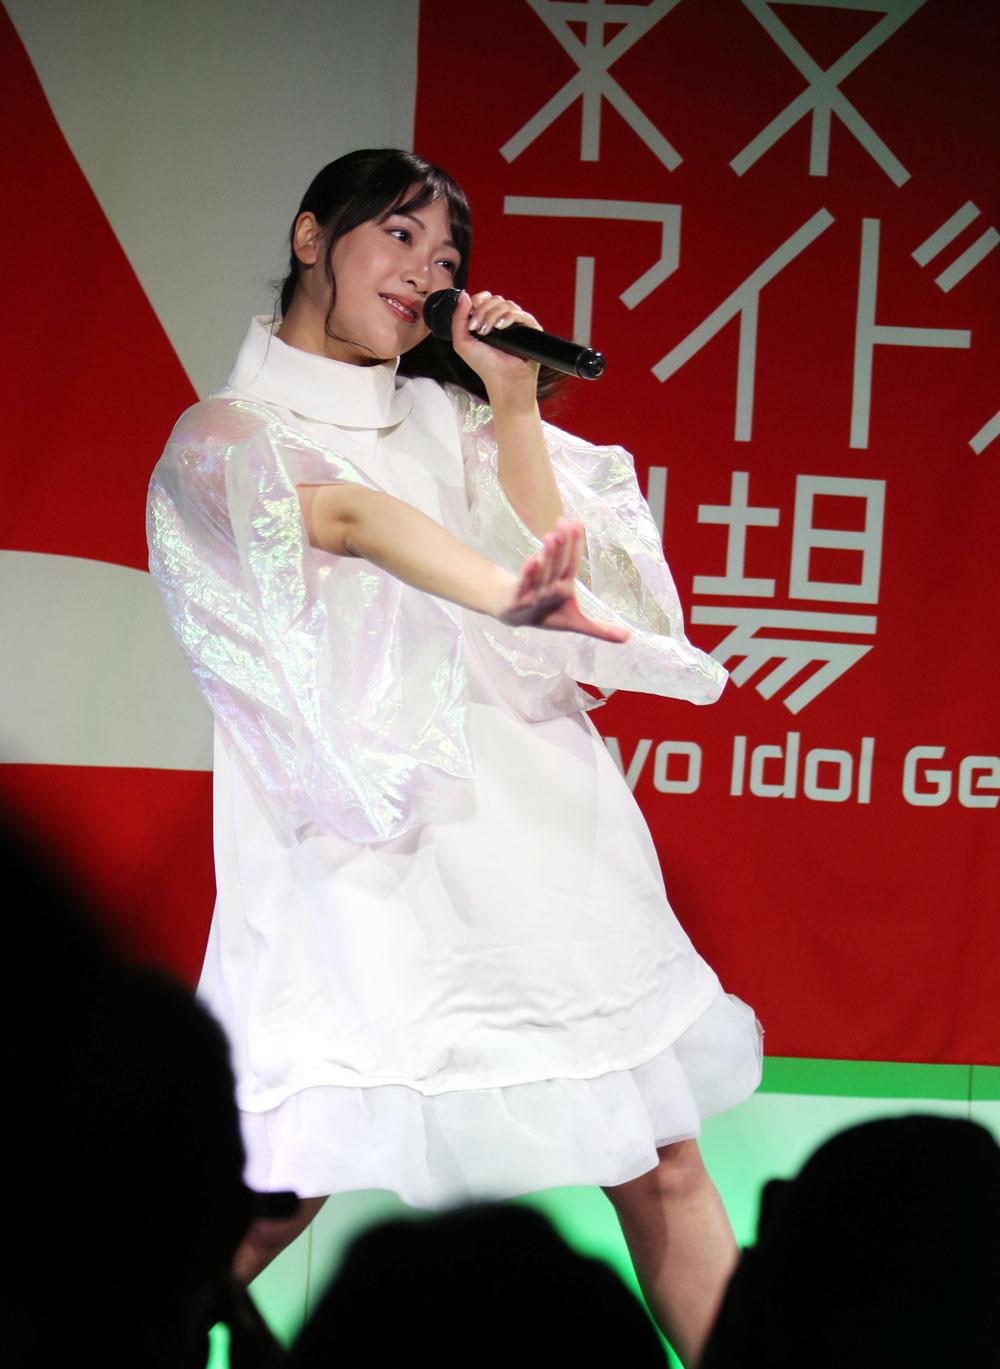 Images : 20番目の画像 - 「ミライスカート/ミライスカートバンドライブの盛況を受け、さらに充実した歌声とパフォーマンスで、東京定期を盛り上げた」のアルバム - Stereo Sound ONLINE